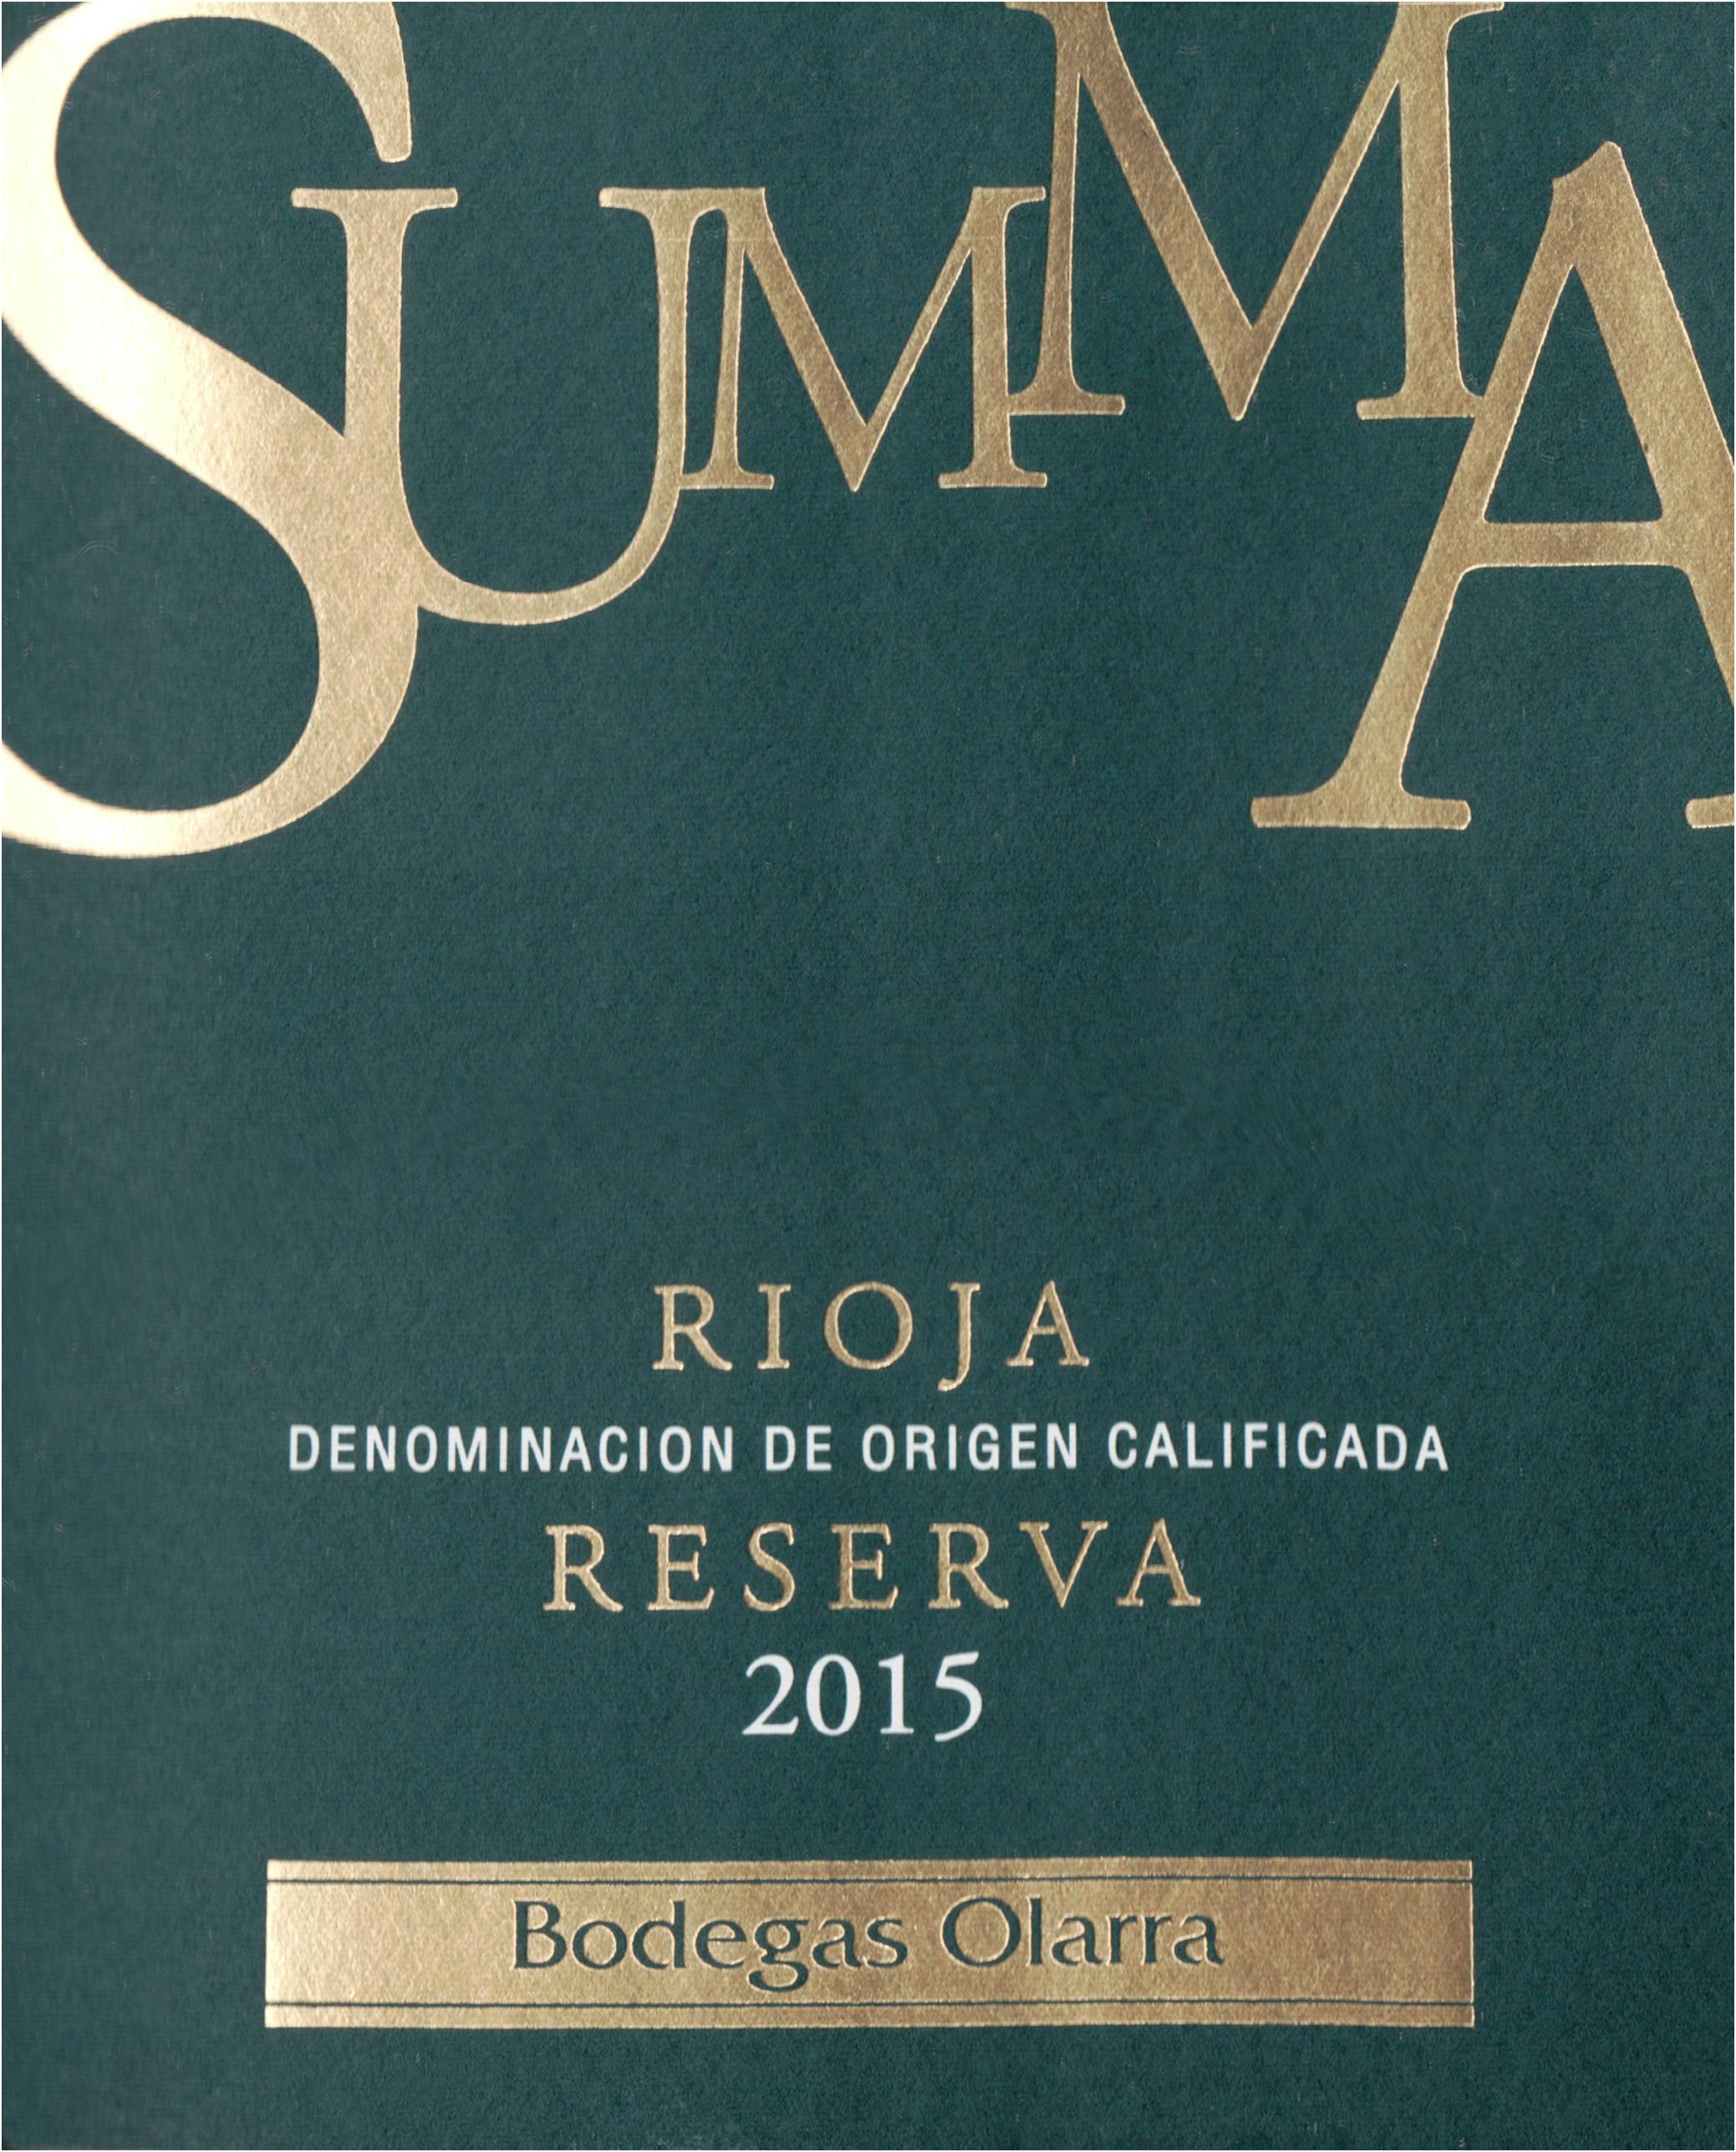 Bodegas Olarra Summa Rioja 2015